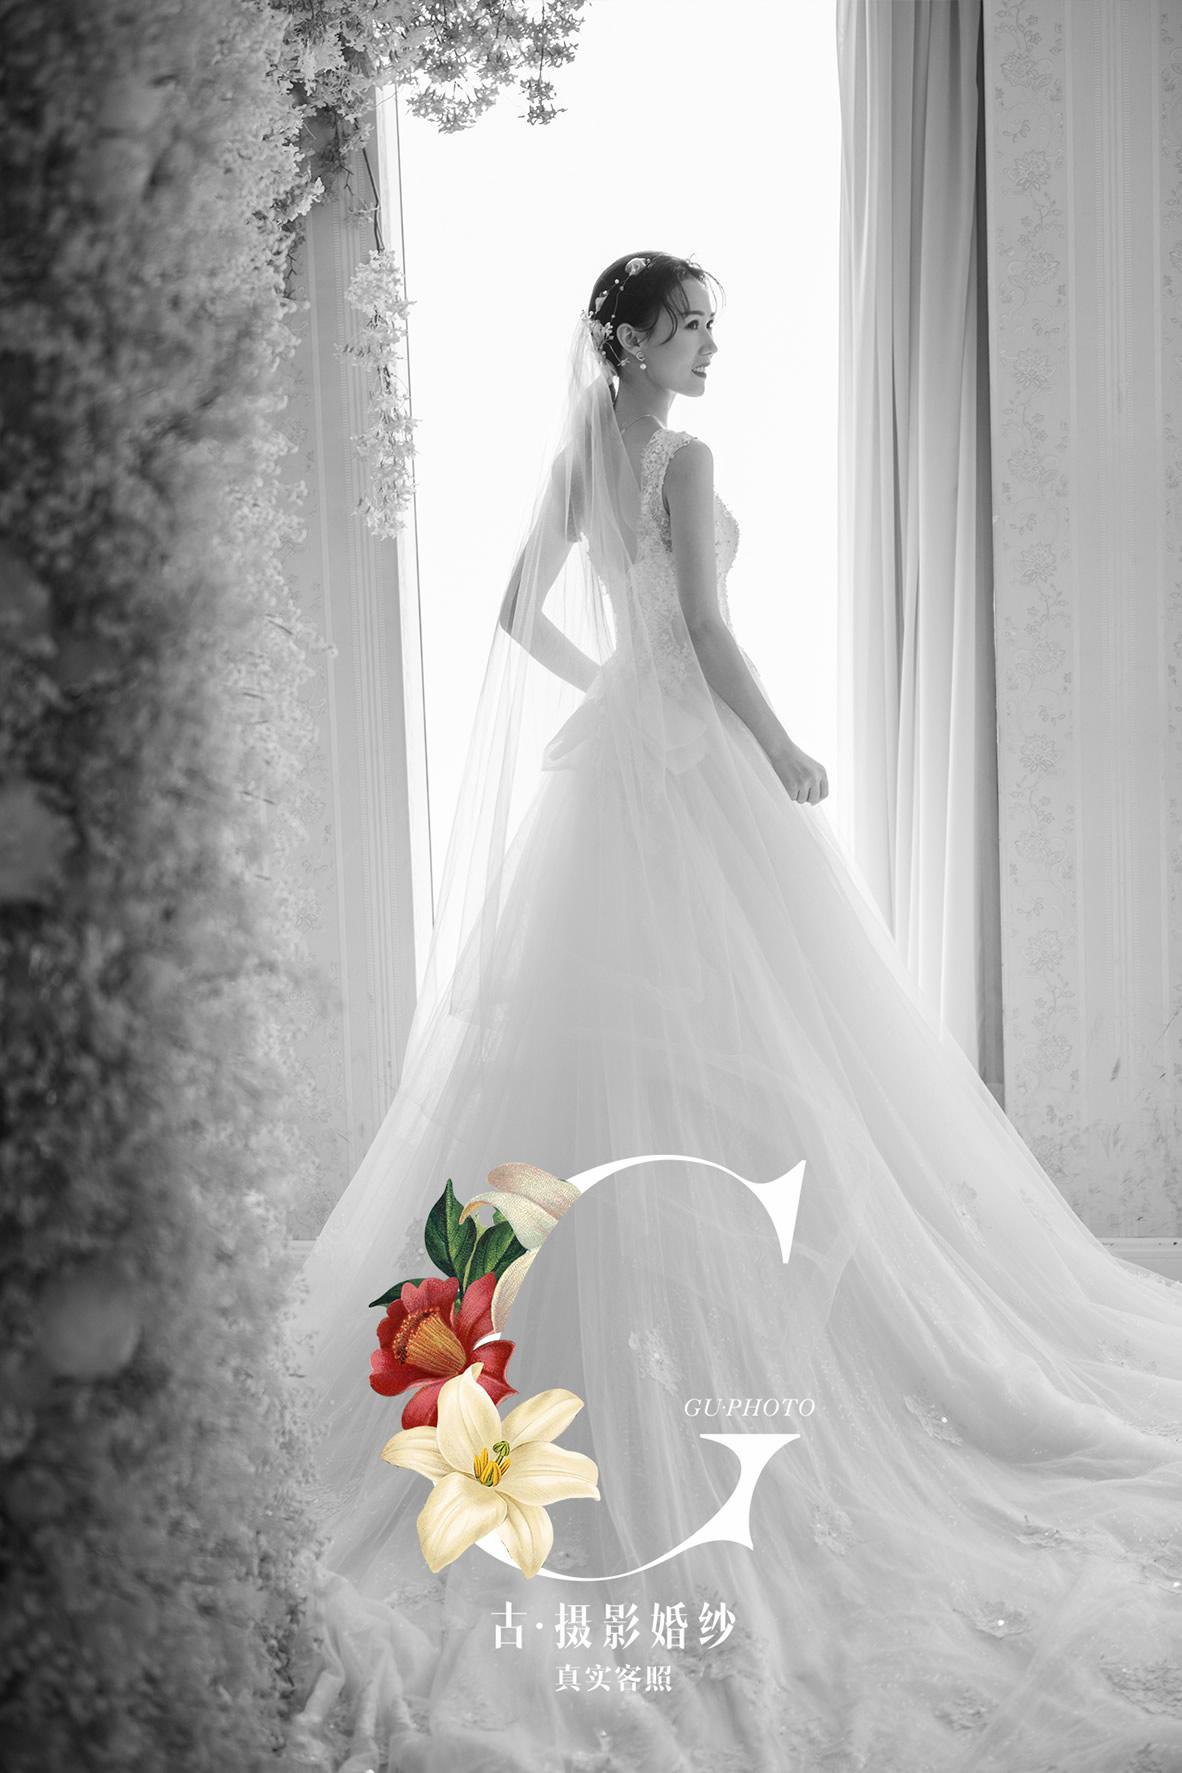 付先生 孙小姐 - 每日客照 - 广州婚纱摄影-广州古摄影官网